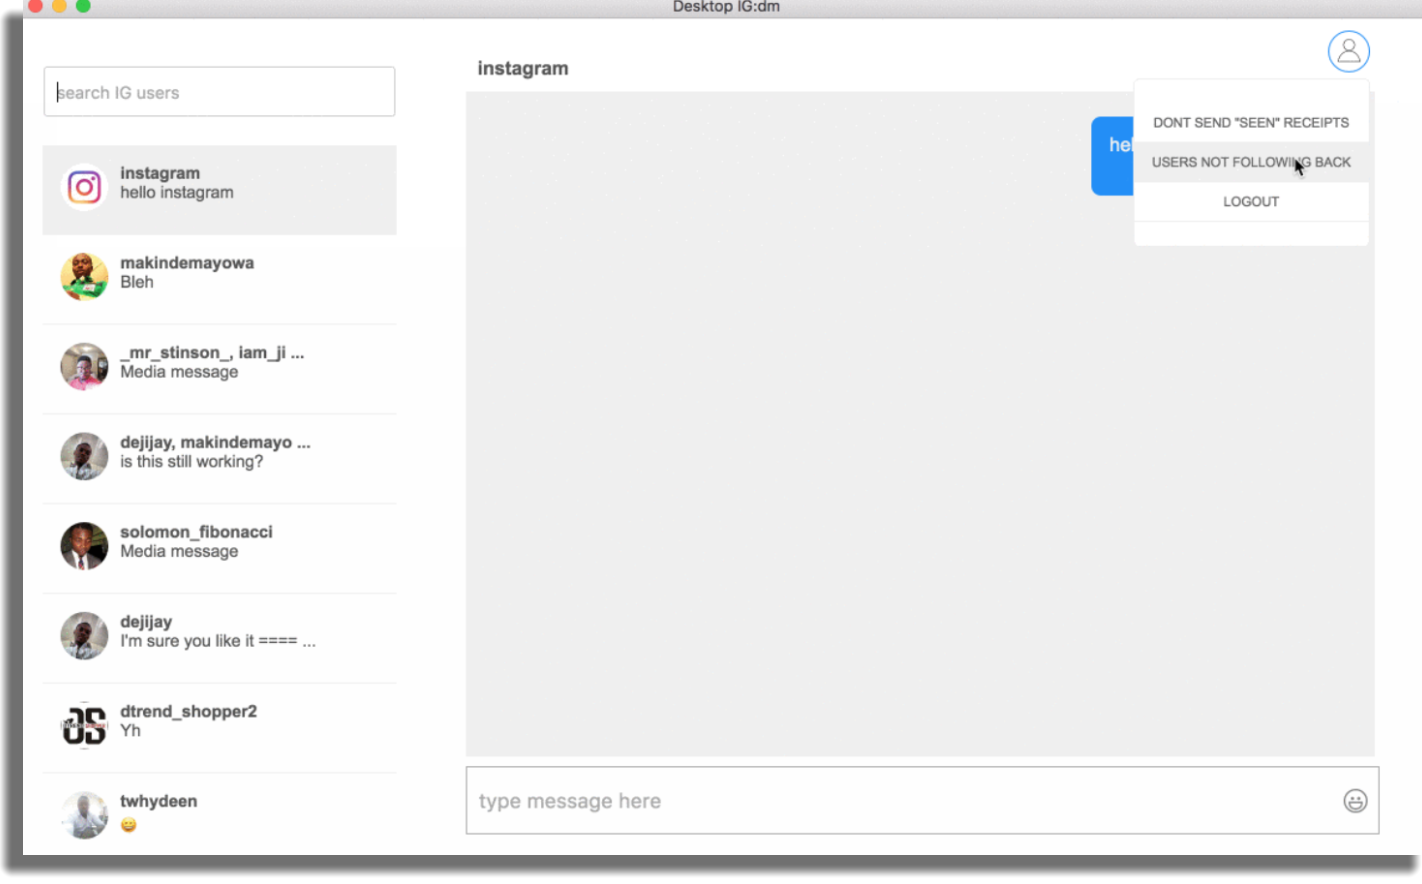 IGdm dejar de seguir usuarios en Instagram